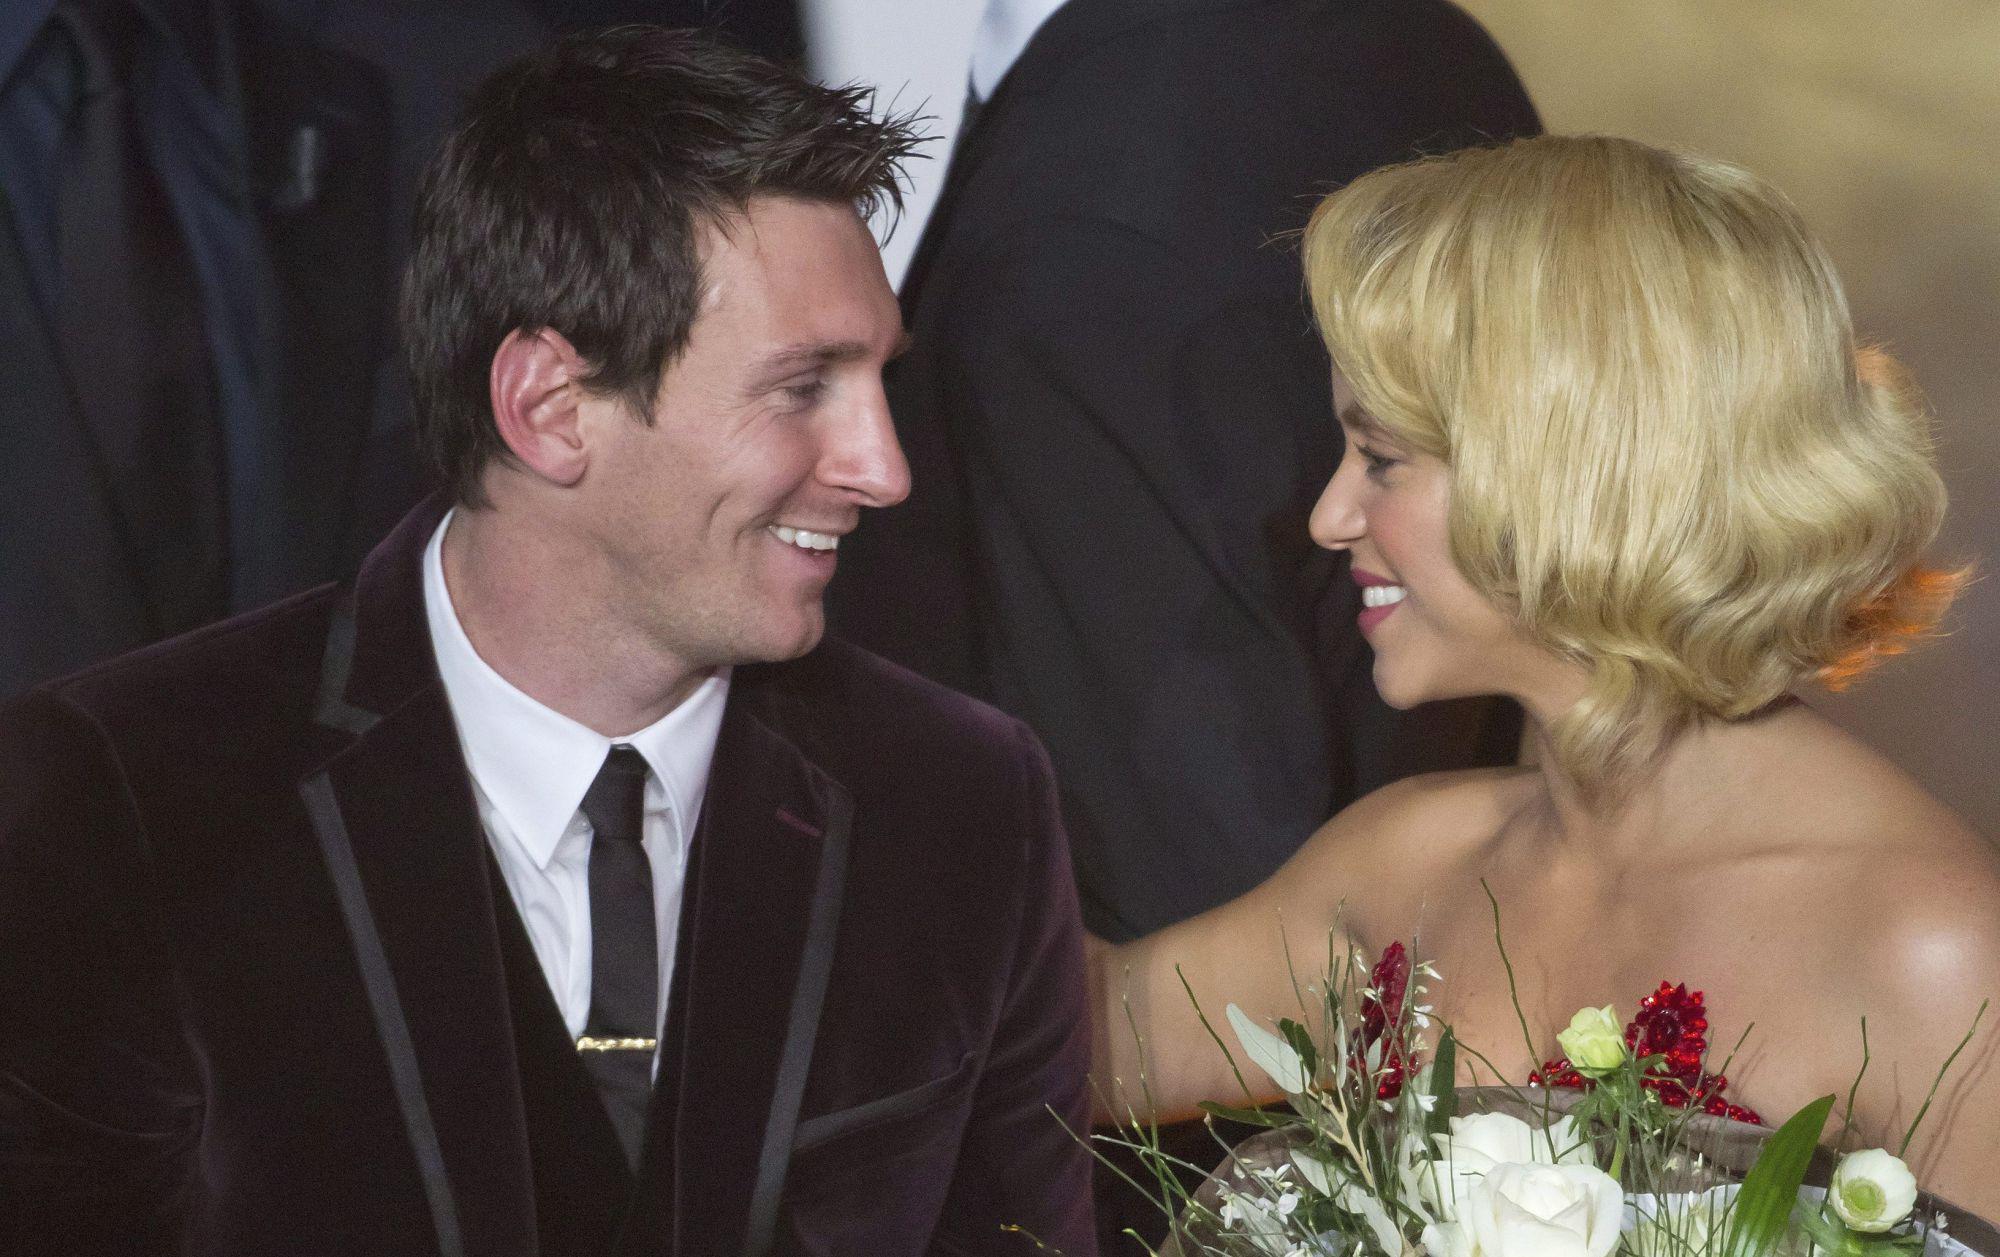 Entre Messi y Shakira defraudaron a la Hacienda española 14 millones de euros / EFE: Della Bella